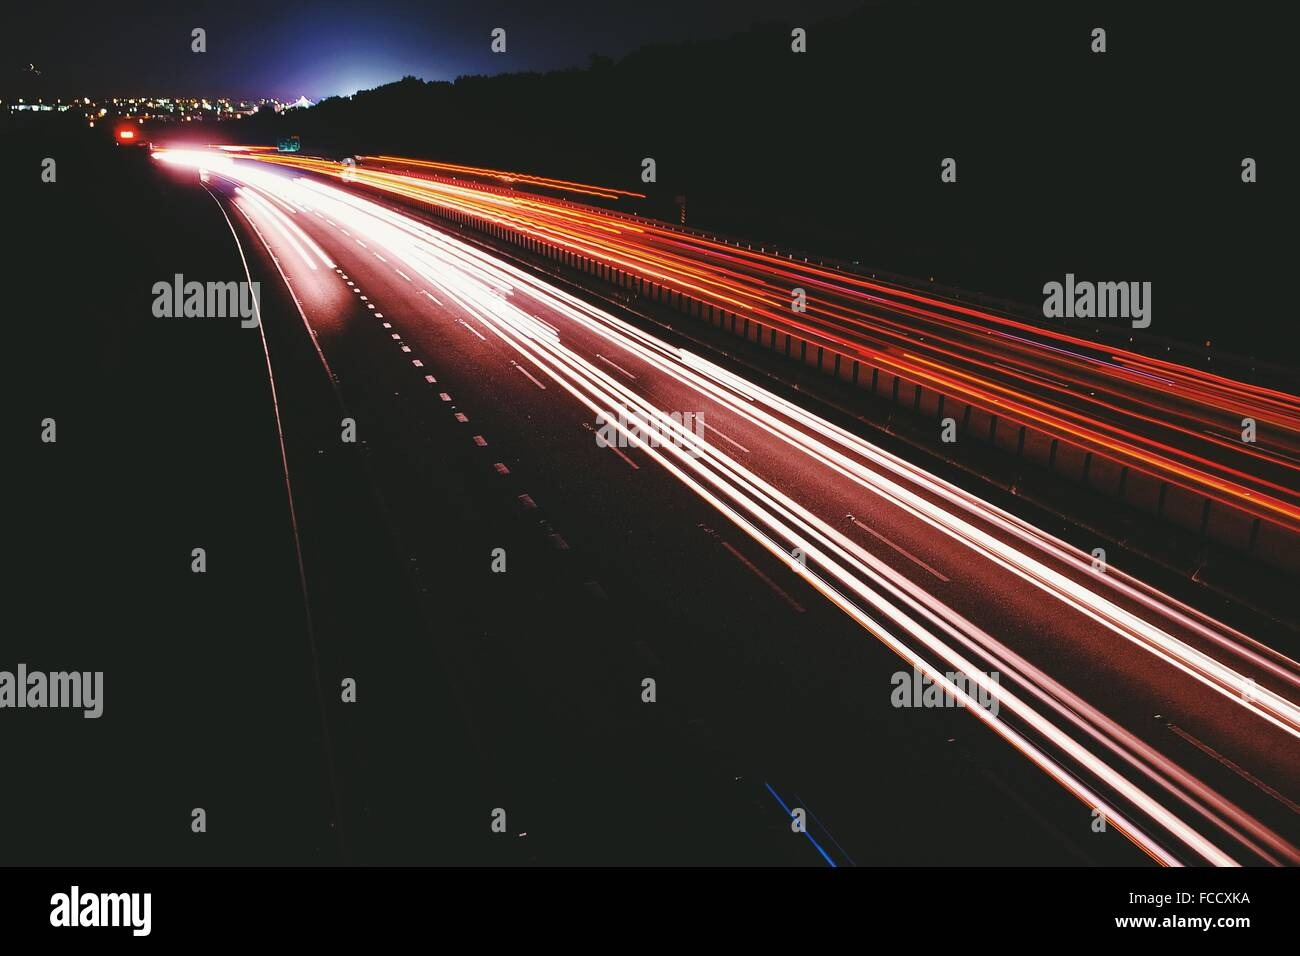 Helle Streifen auf der Straße bei Nacht Stockbild